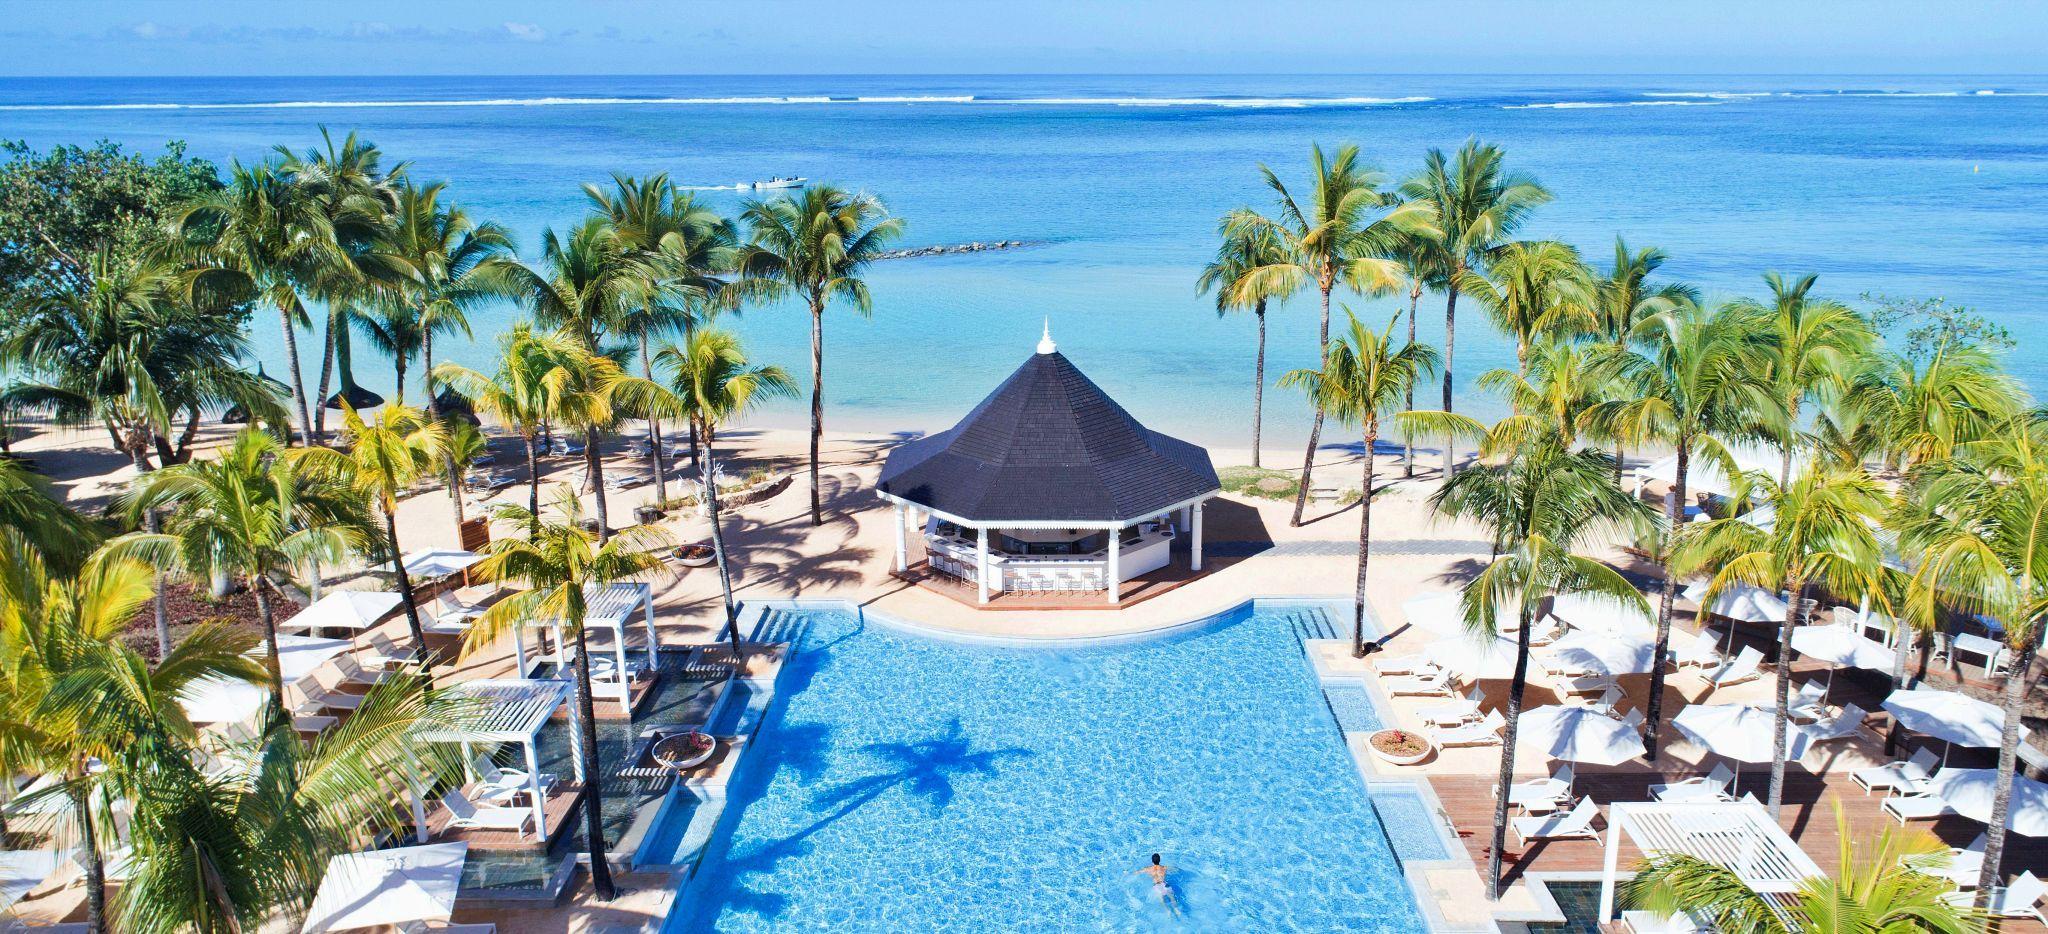 Ein Pool in einer Palmen Allee richtung Meer auf Mauritius